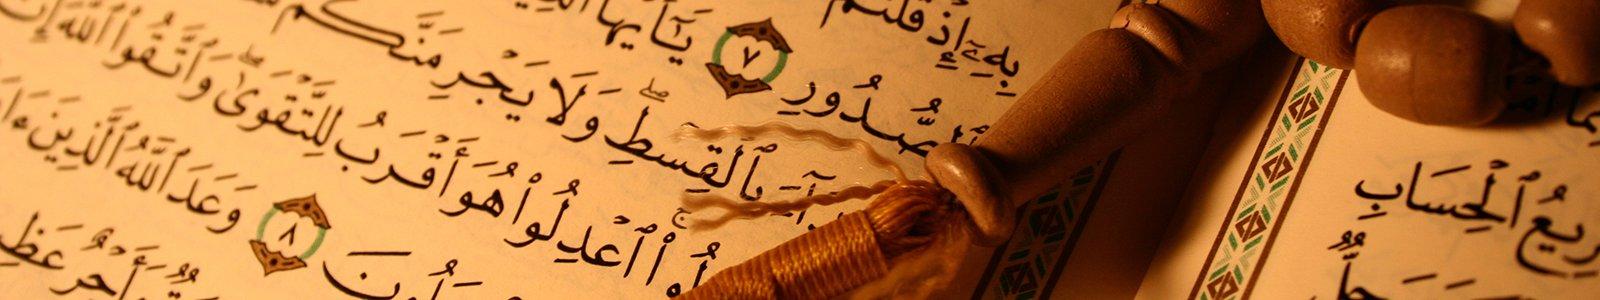 © iStockphoto.com/Egypix